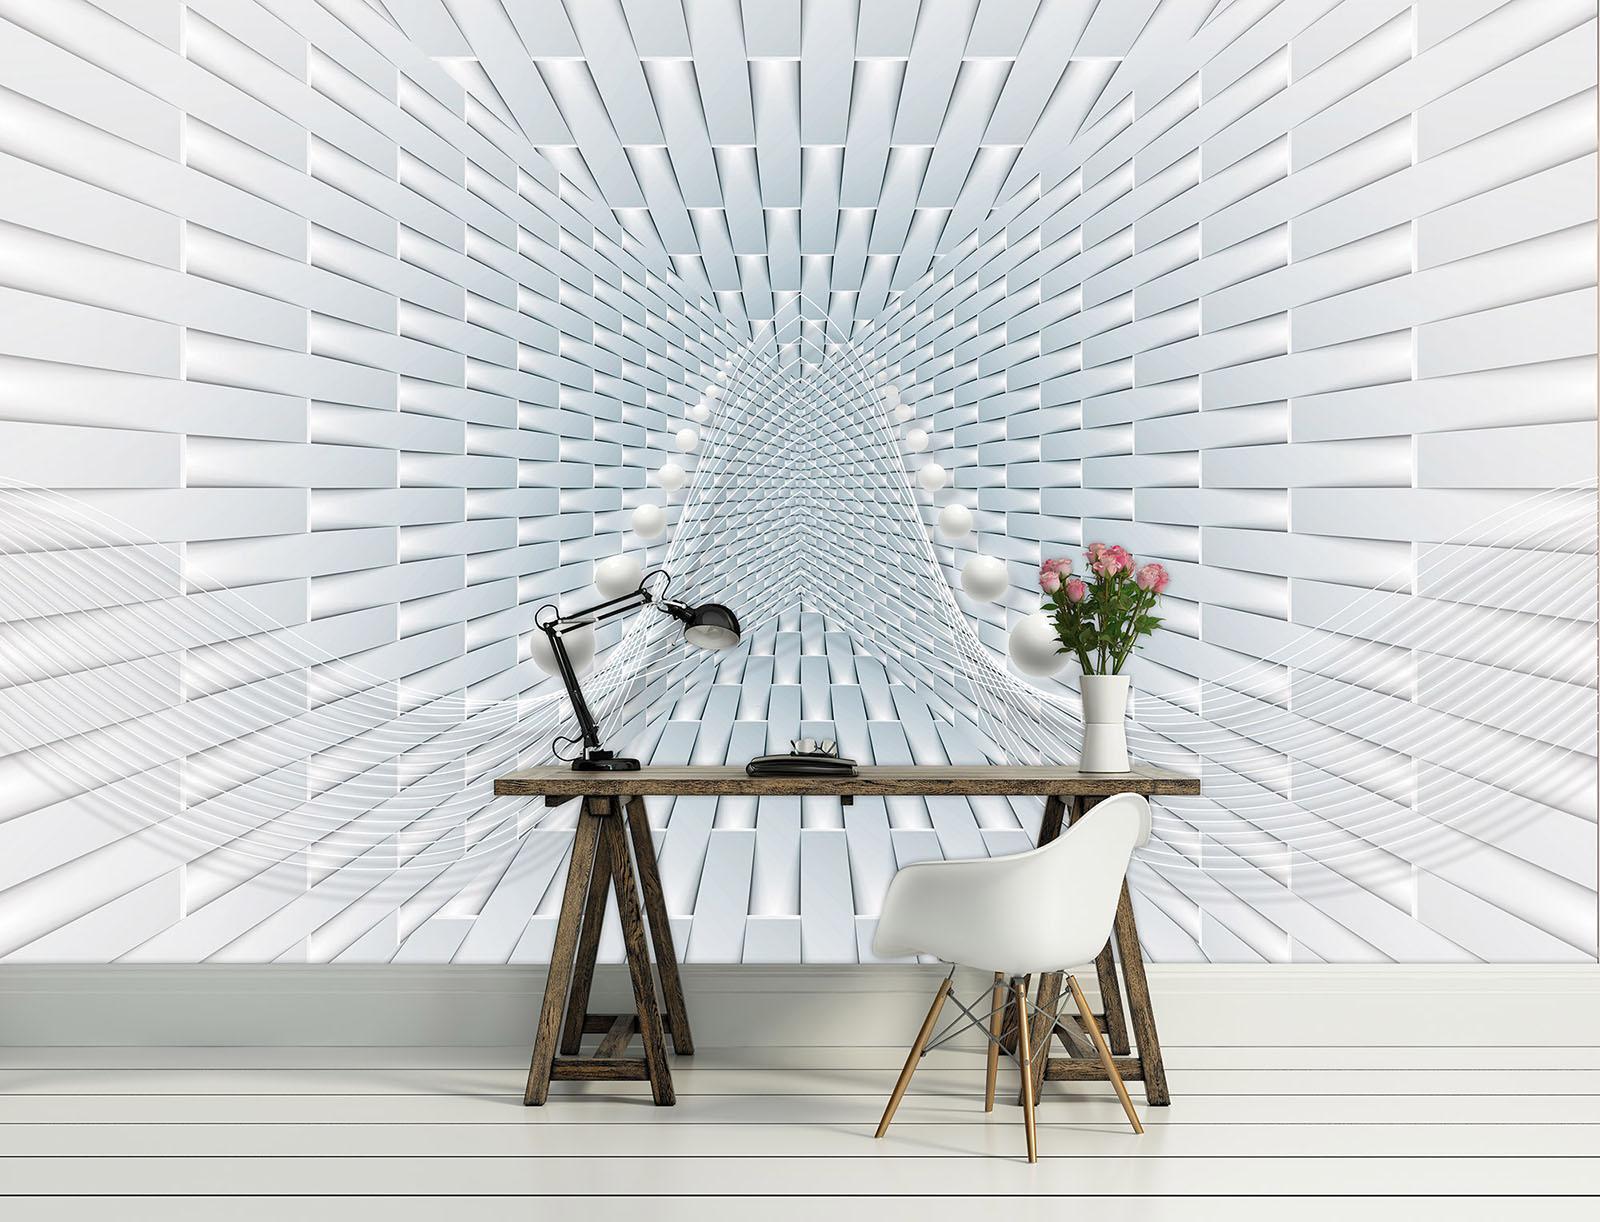 Vließ Fototapete Tapete Wandbild Korridor 3D 310063_VEMVT